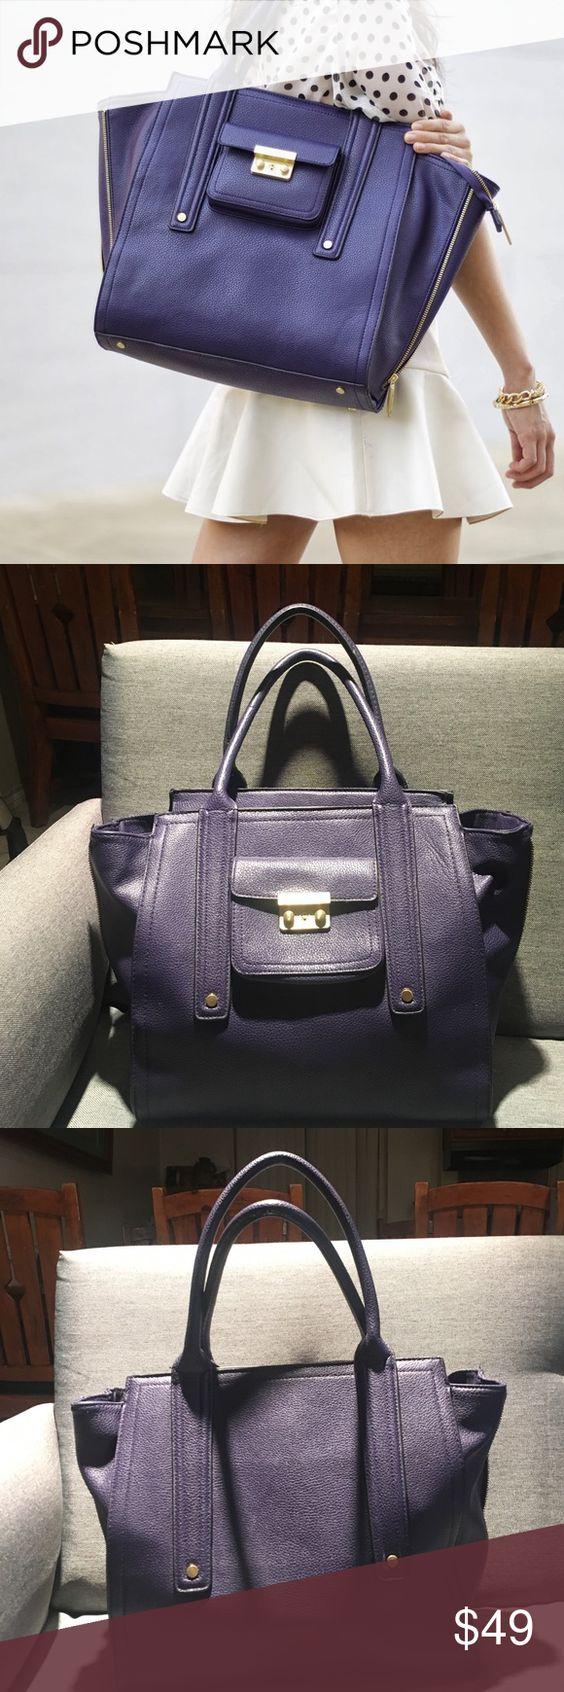 Large tote bags at target - 3 1 Phillip Lim Target Large 3 1 Phillip Lim Target Purple Tote Bag In Good Preowned